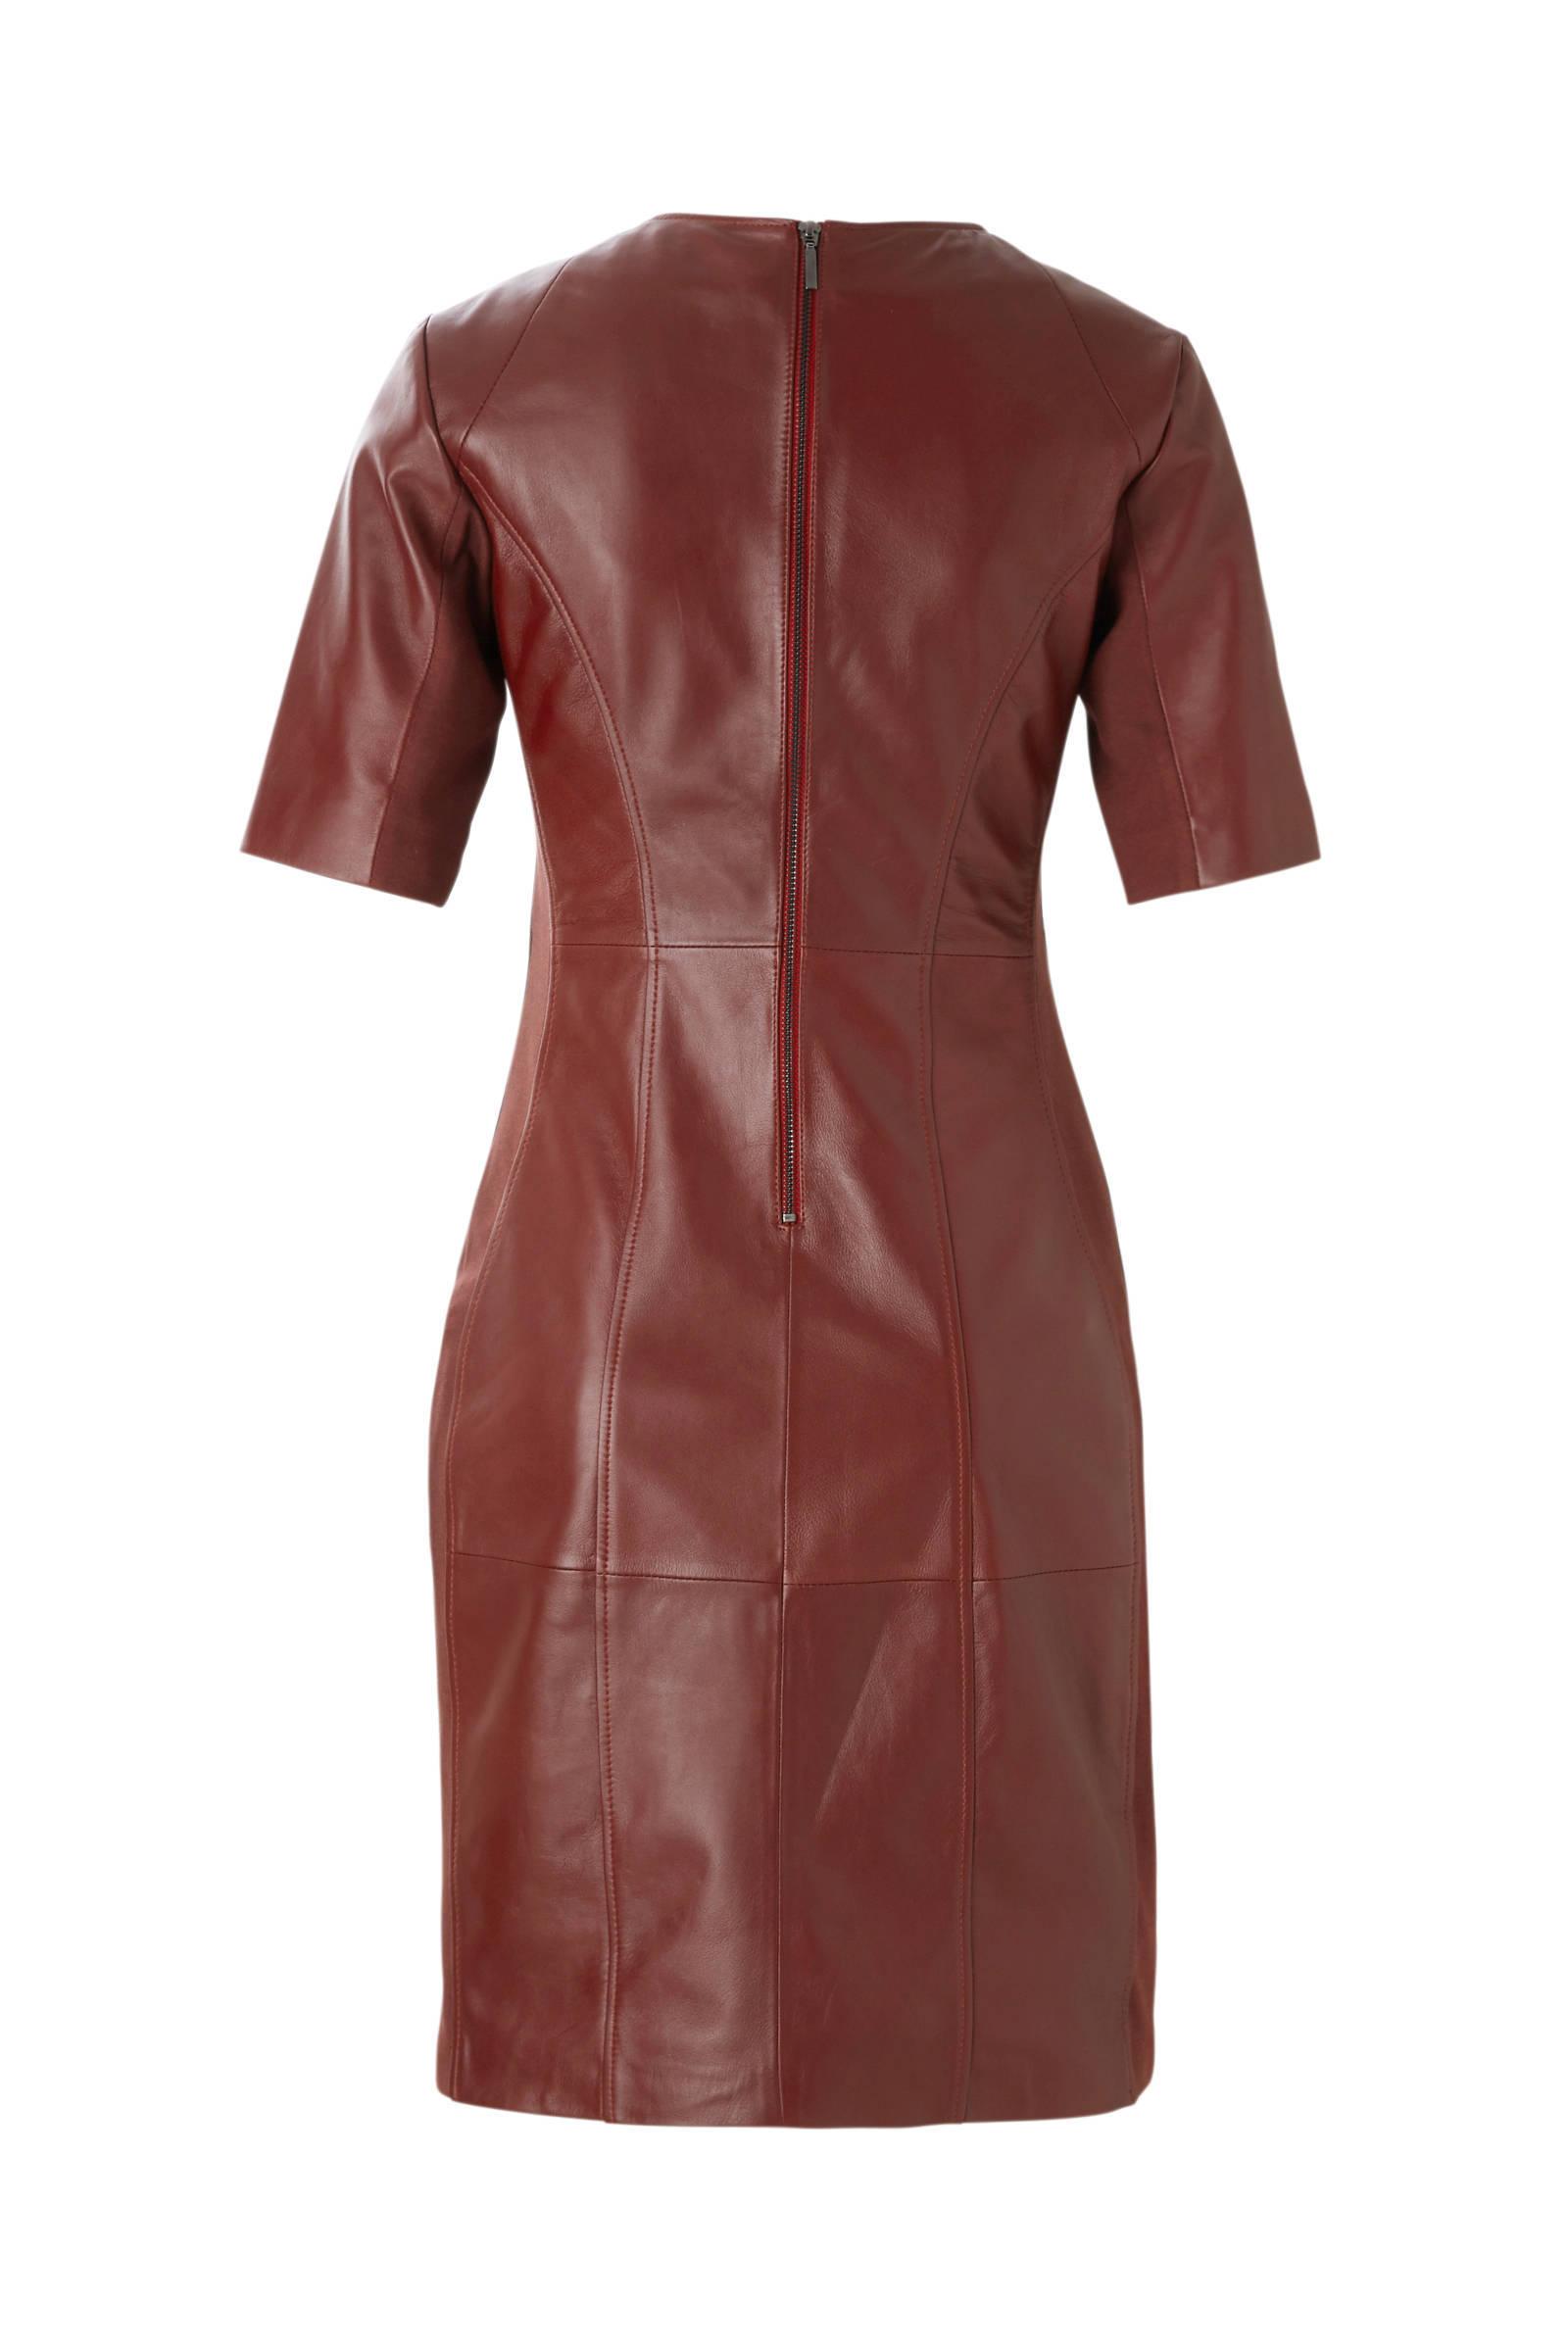 rode leren jurk